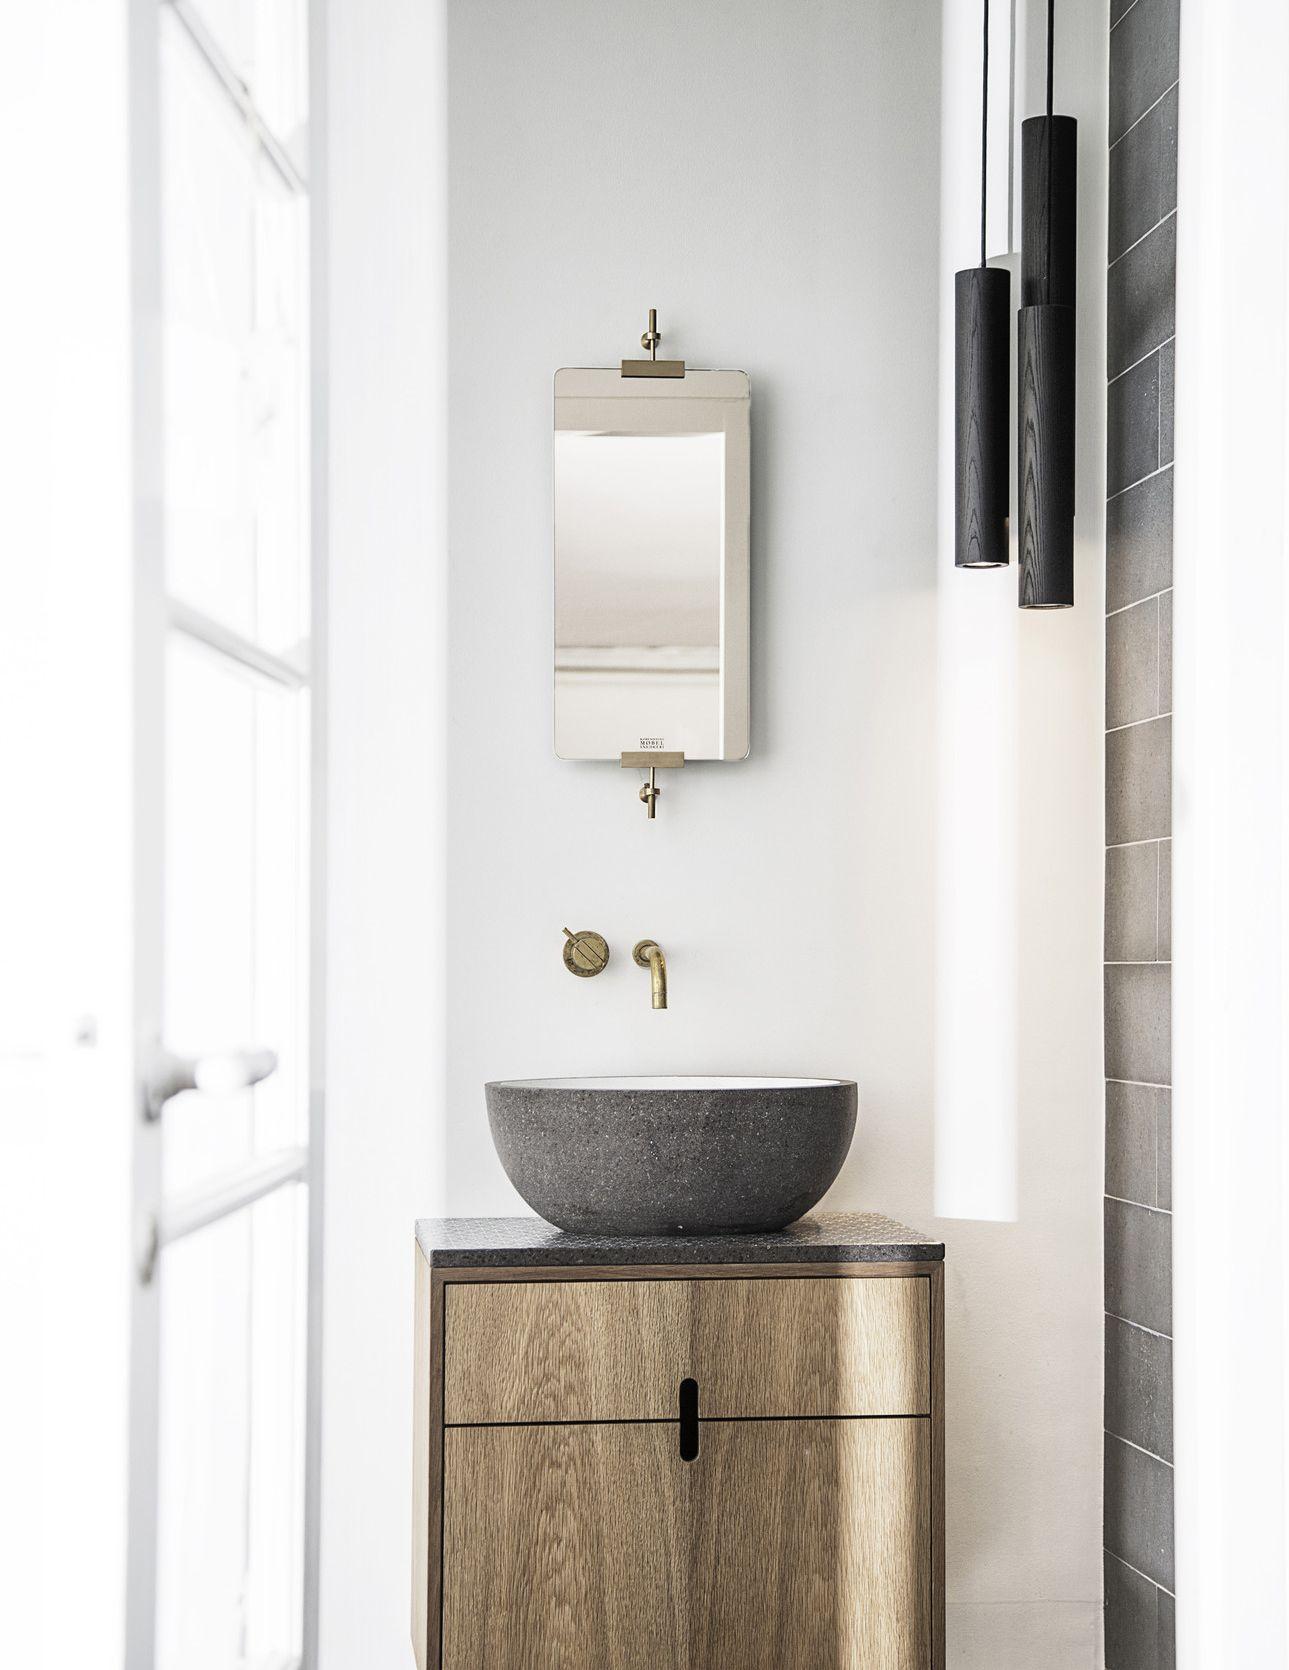 Revisiting Københavns Møbelsnedkeri | Pinterest | Bath, Interiors ...